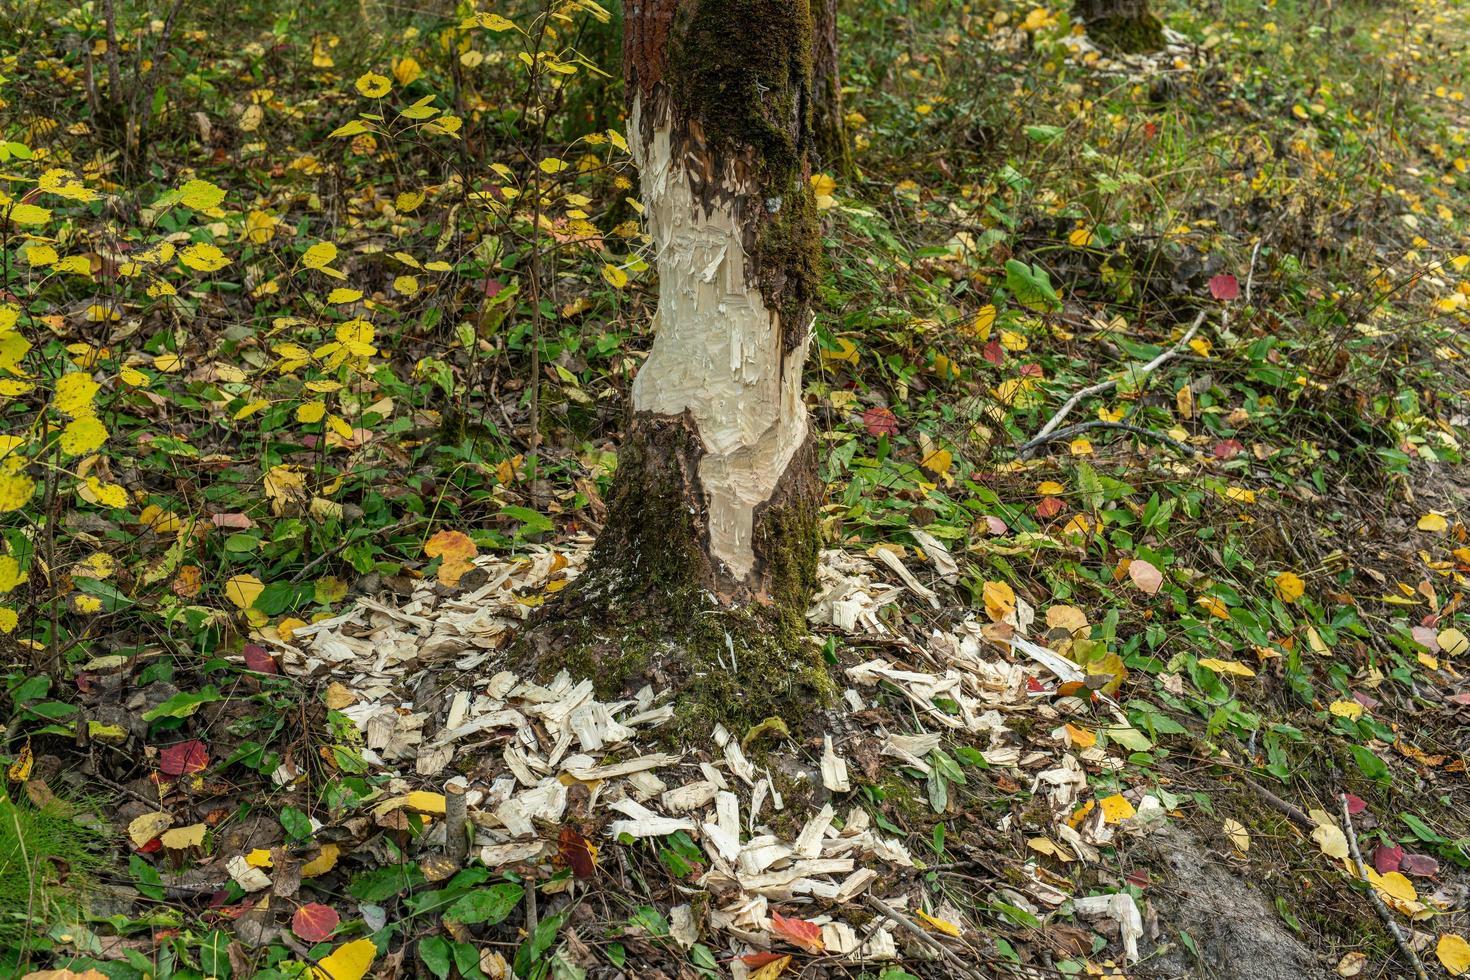 Baum von Bibern beschädigt foto